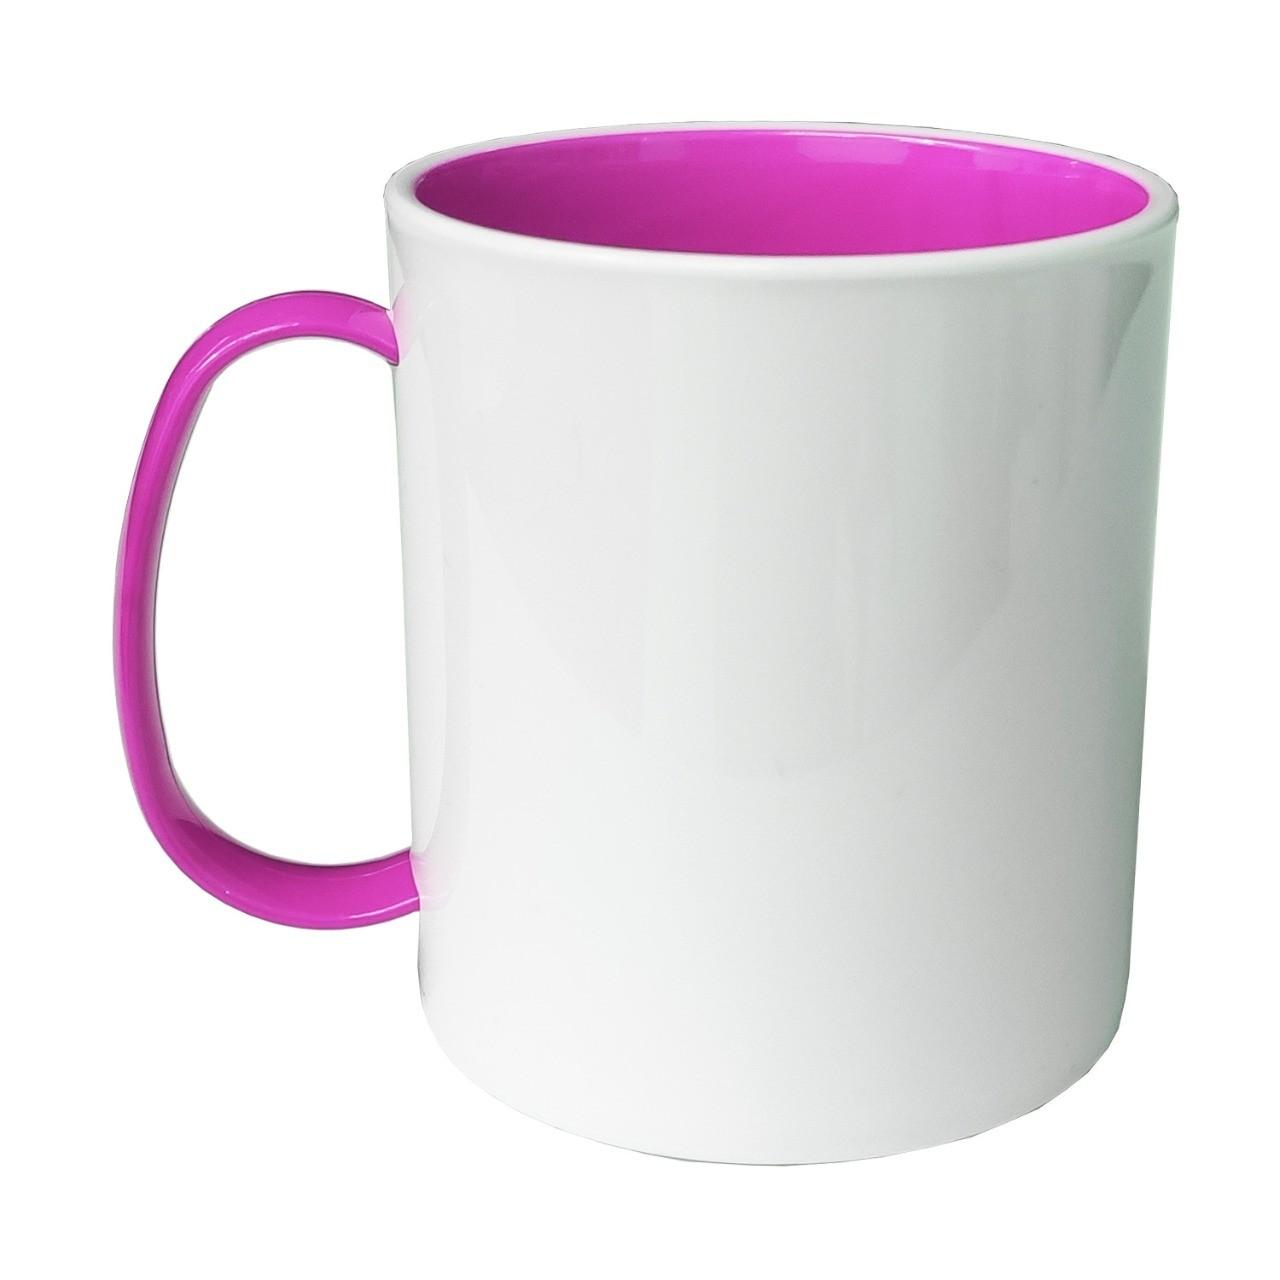 Caneca de Polímero Interior e Alça Rosa Pink